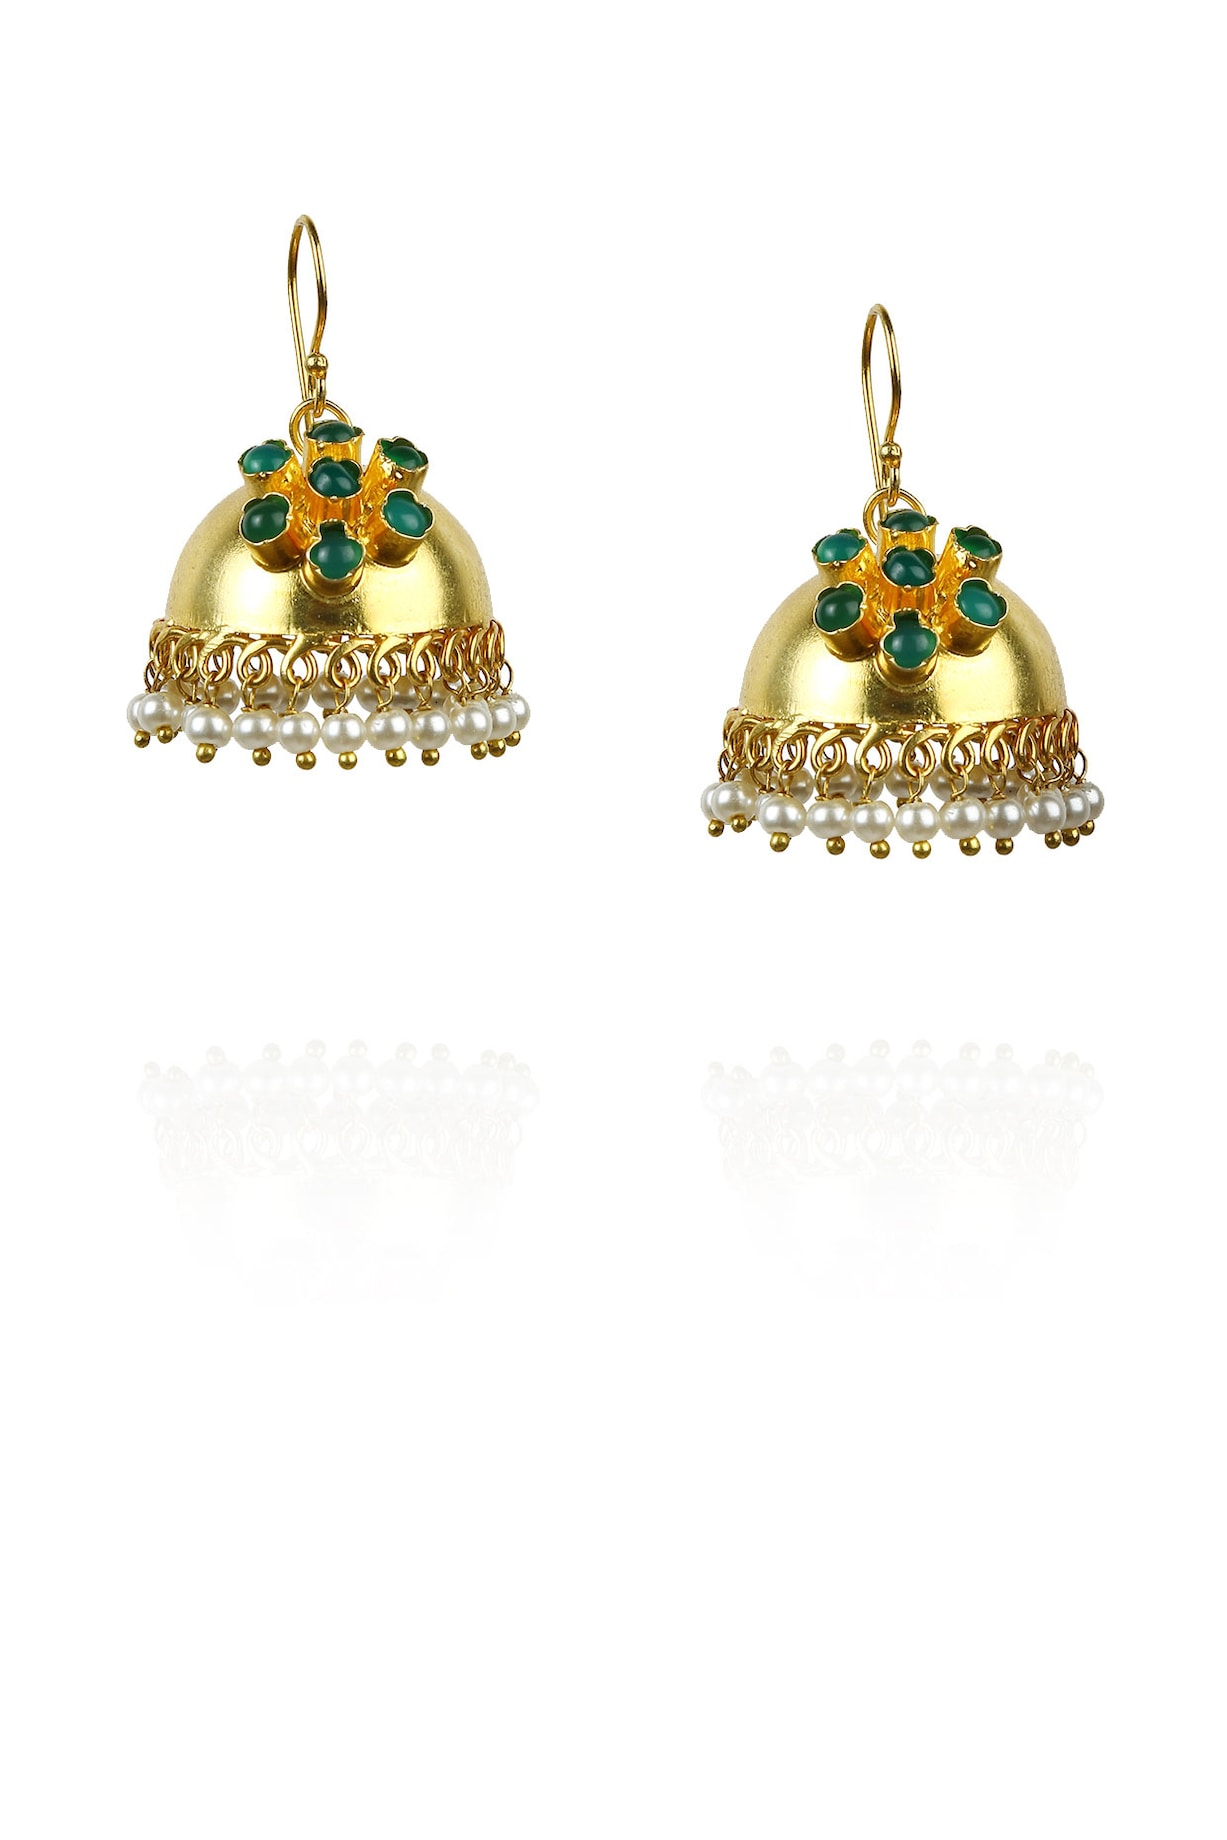 Ra Abta Earrings